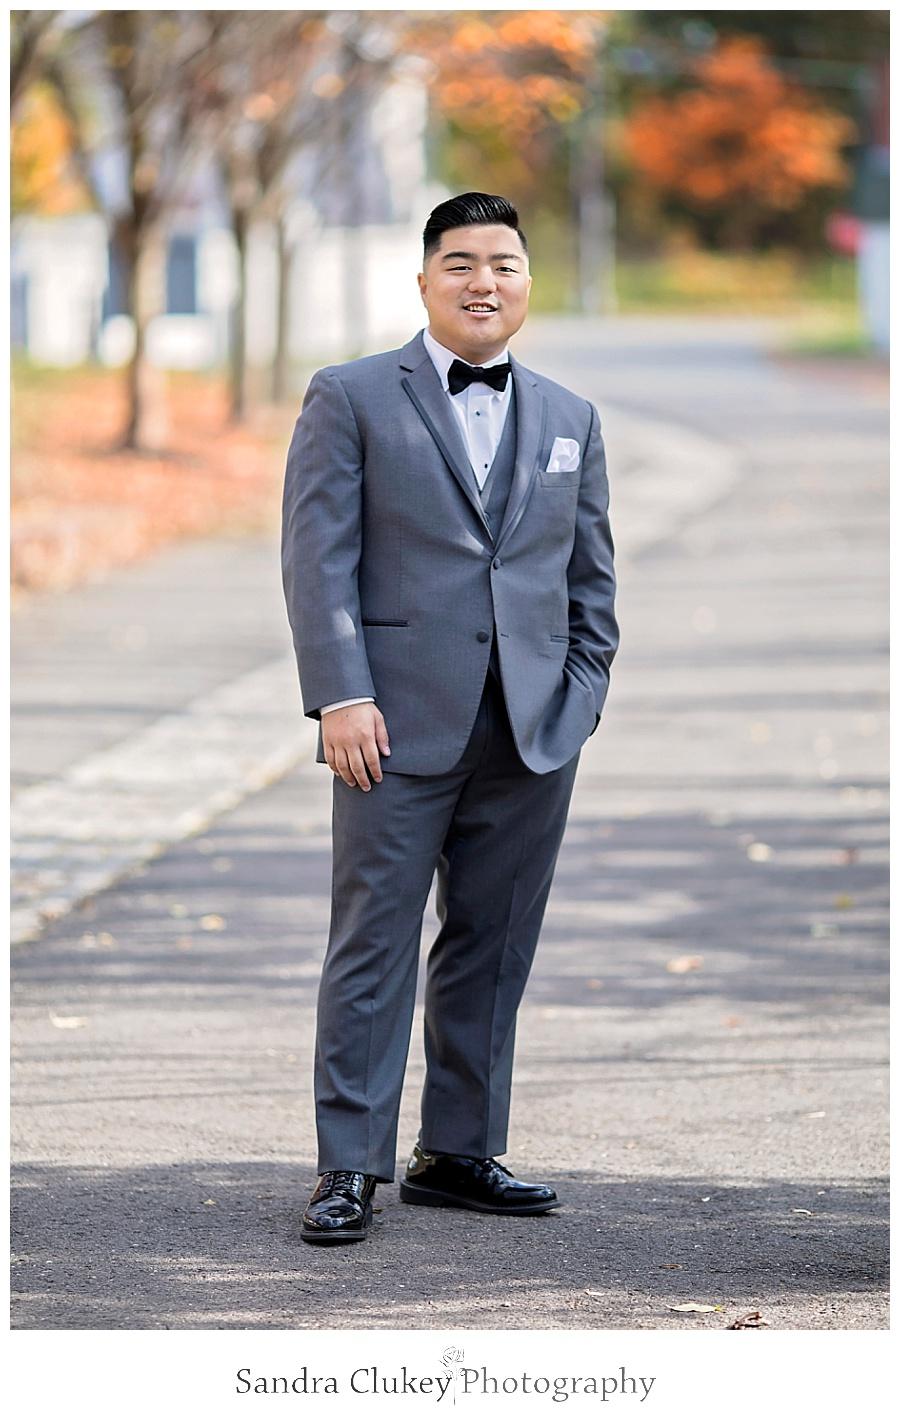 Joyful groom